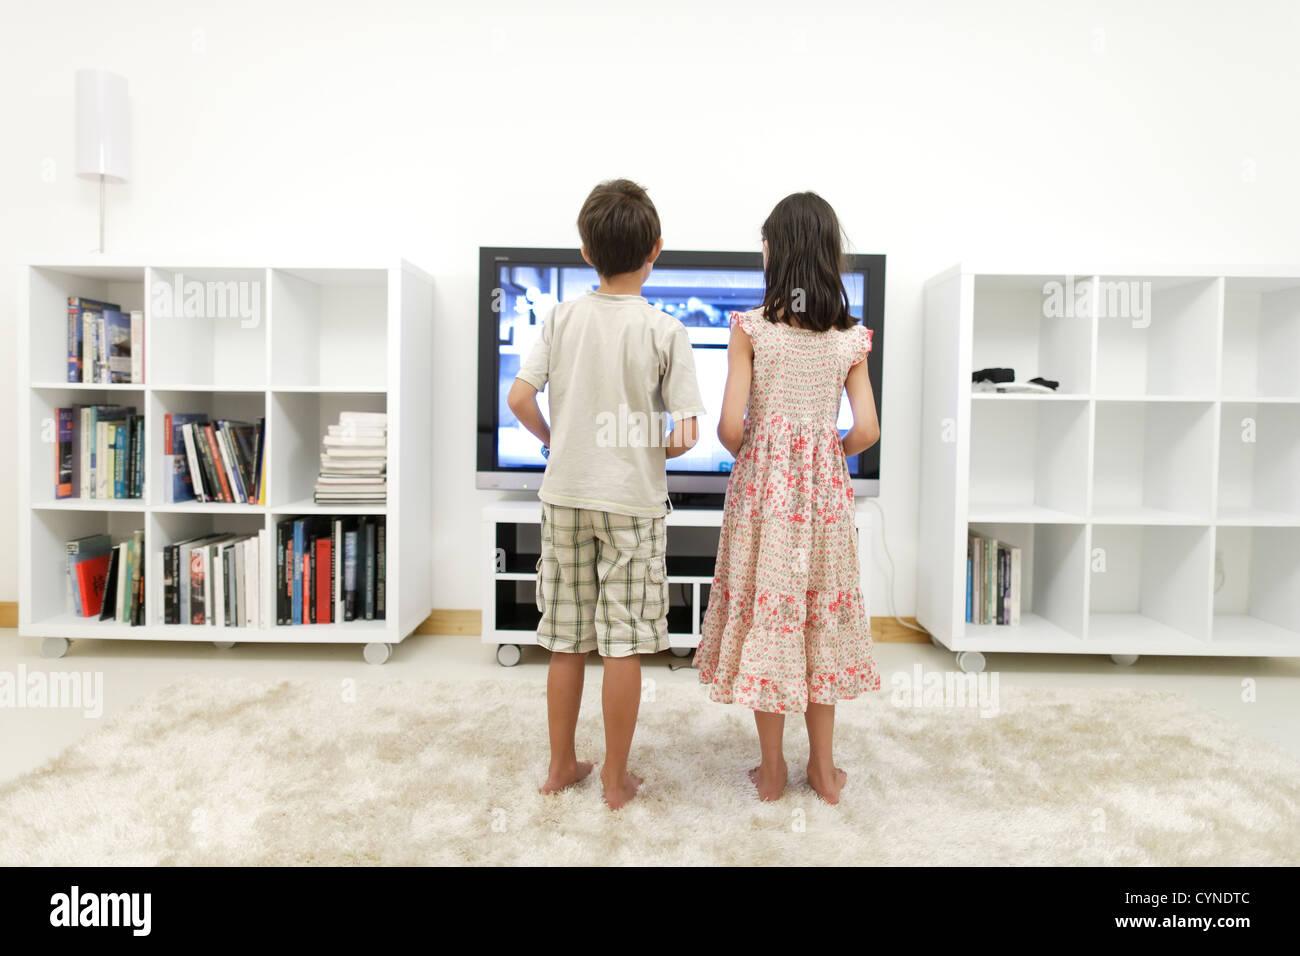 Garçon et fille jouer à des jeux vidéo sur grand écran 55 pouces à la télévision Photo Stock